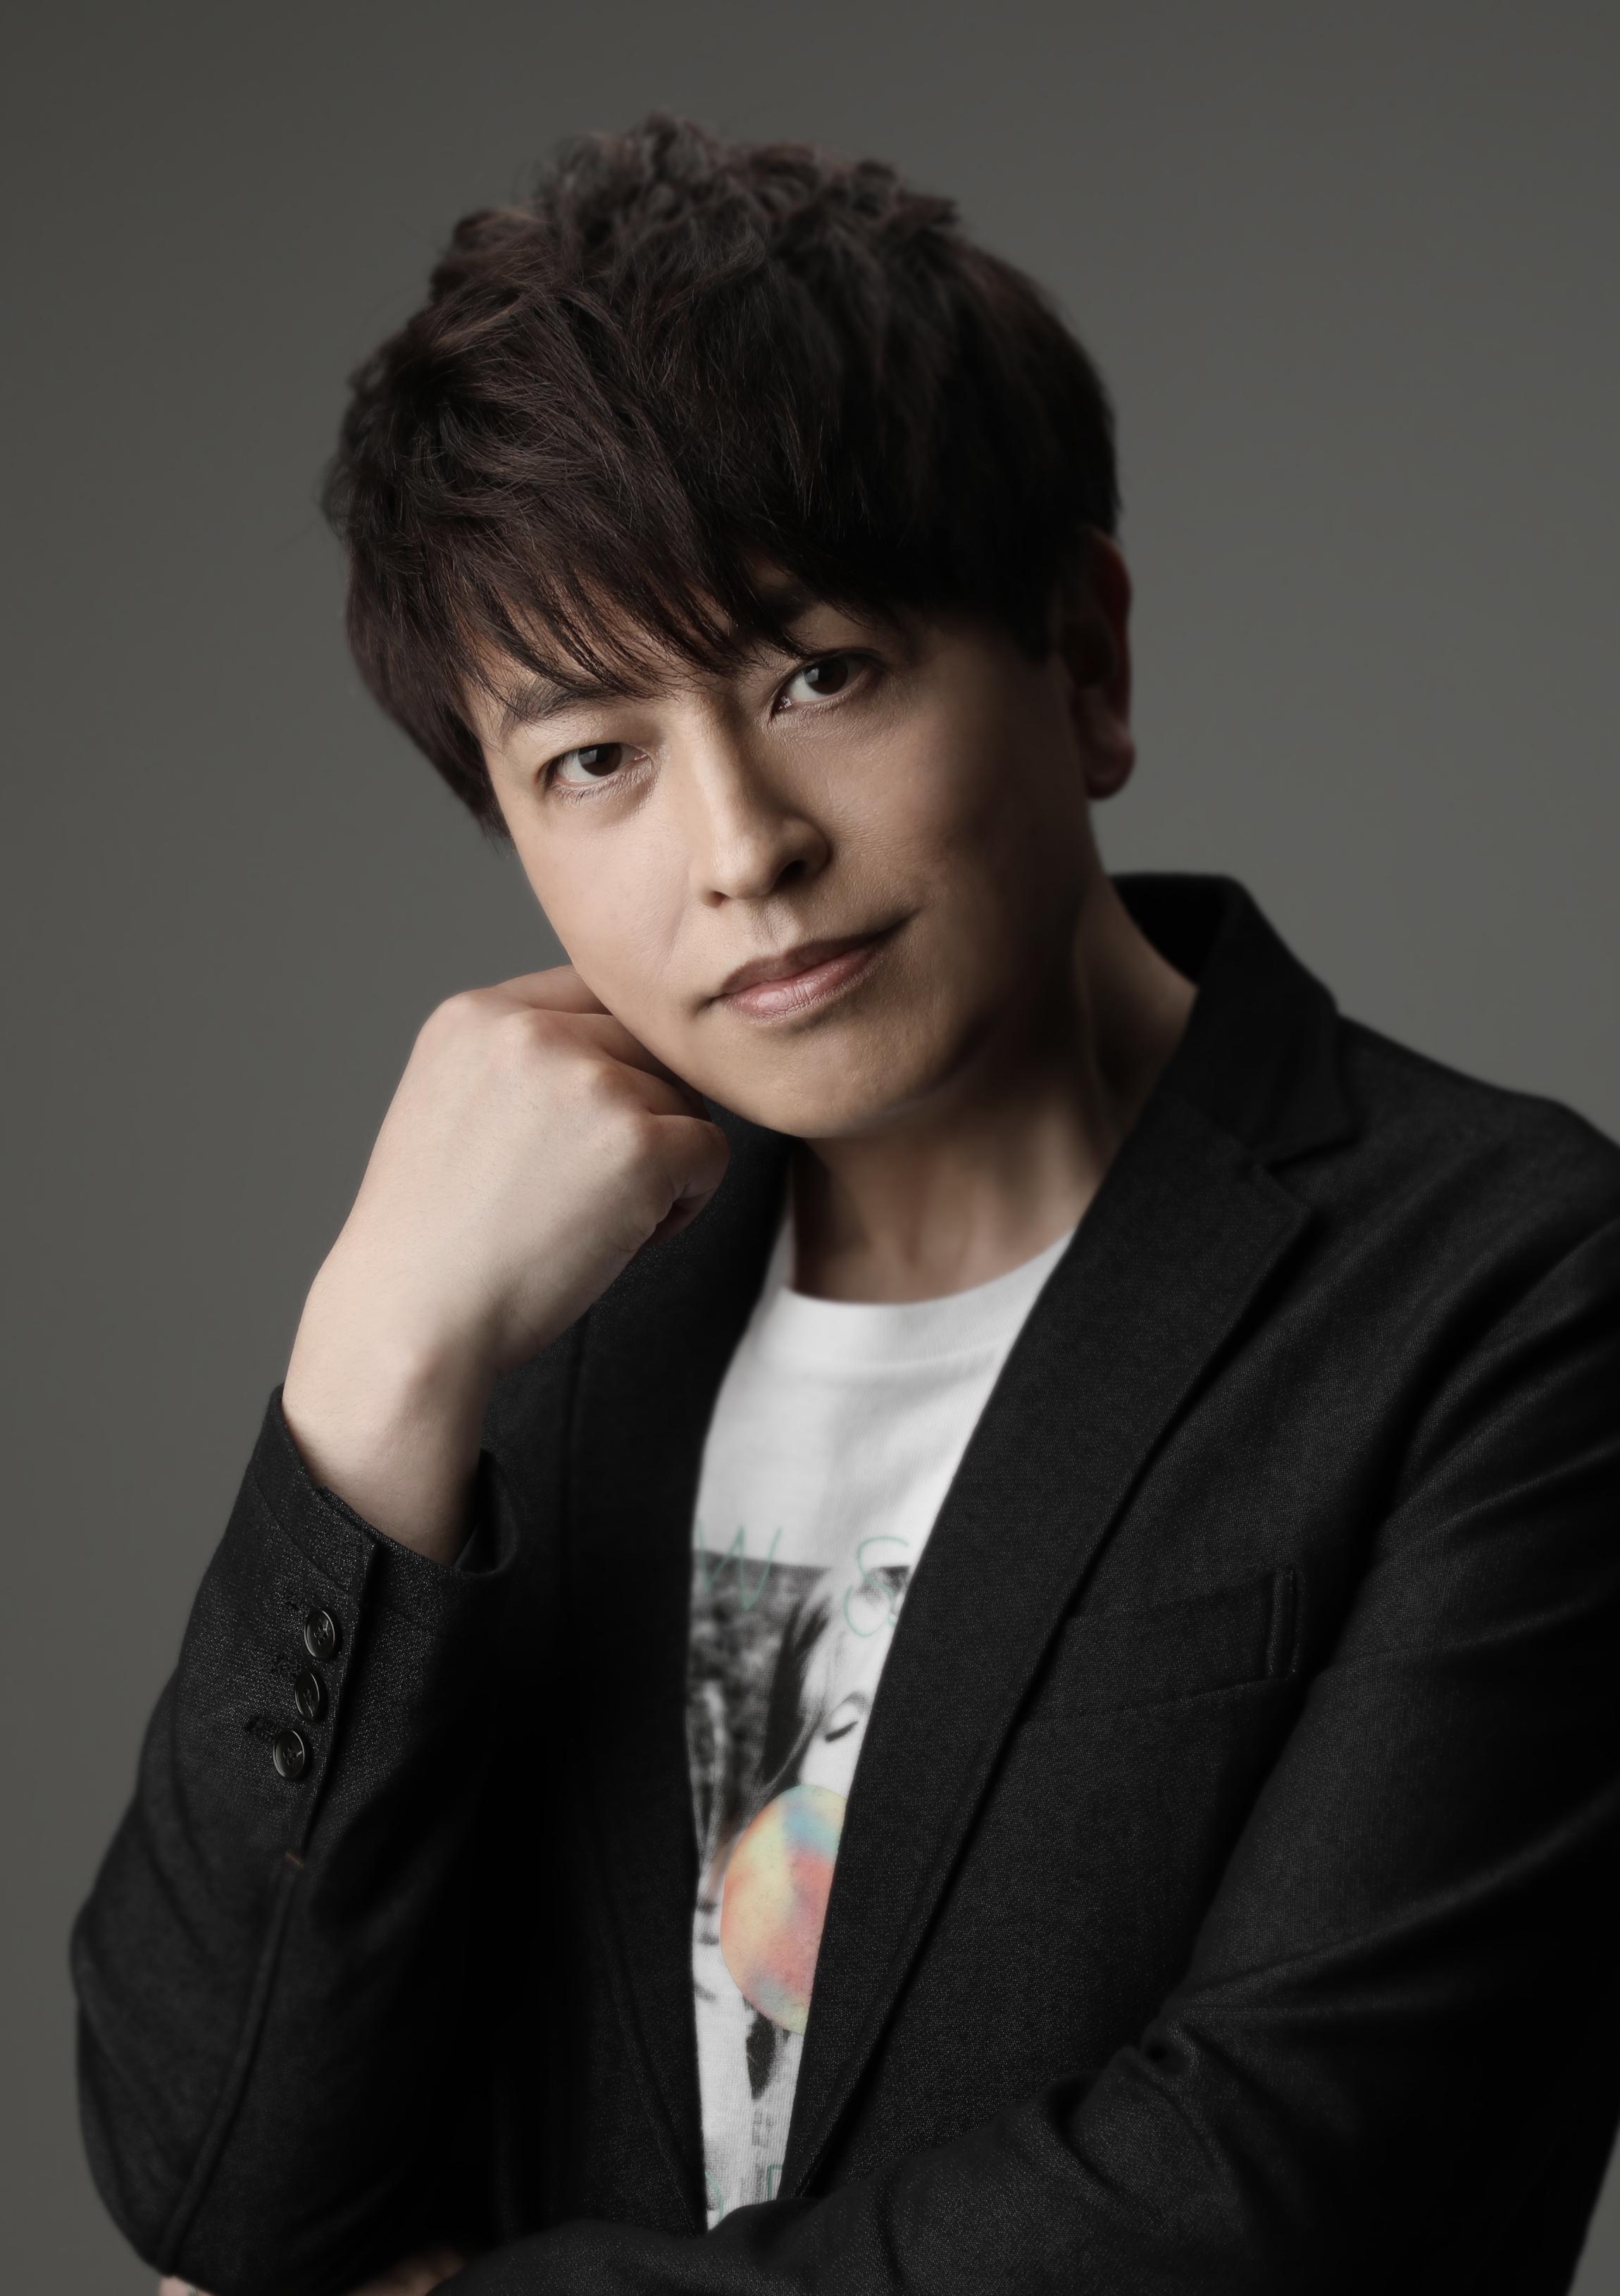 声優・緑川光さん、など代表作に選ばれたのは? − アニメキャラクター代表作まとめ(2020年版)-1